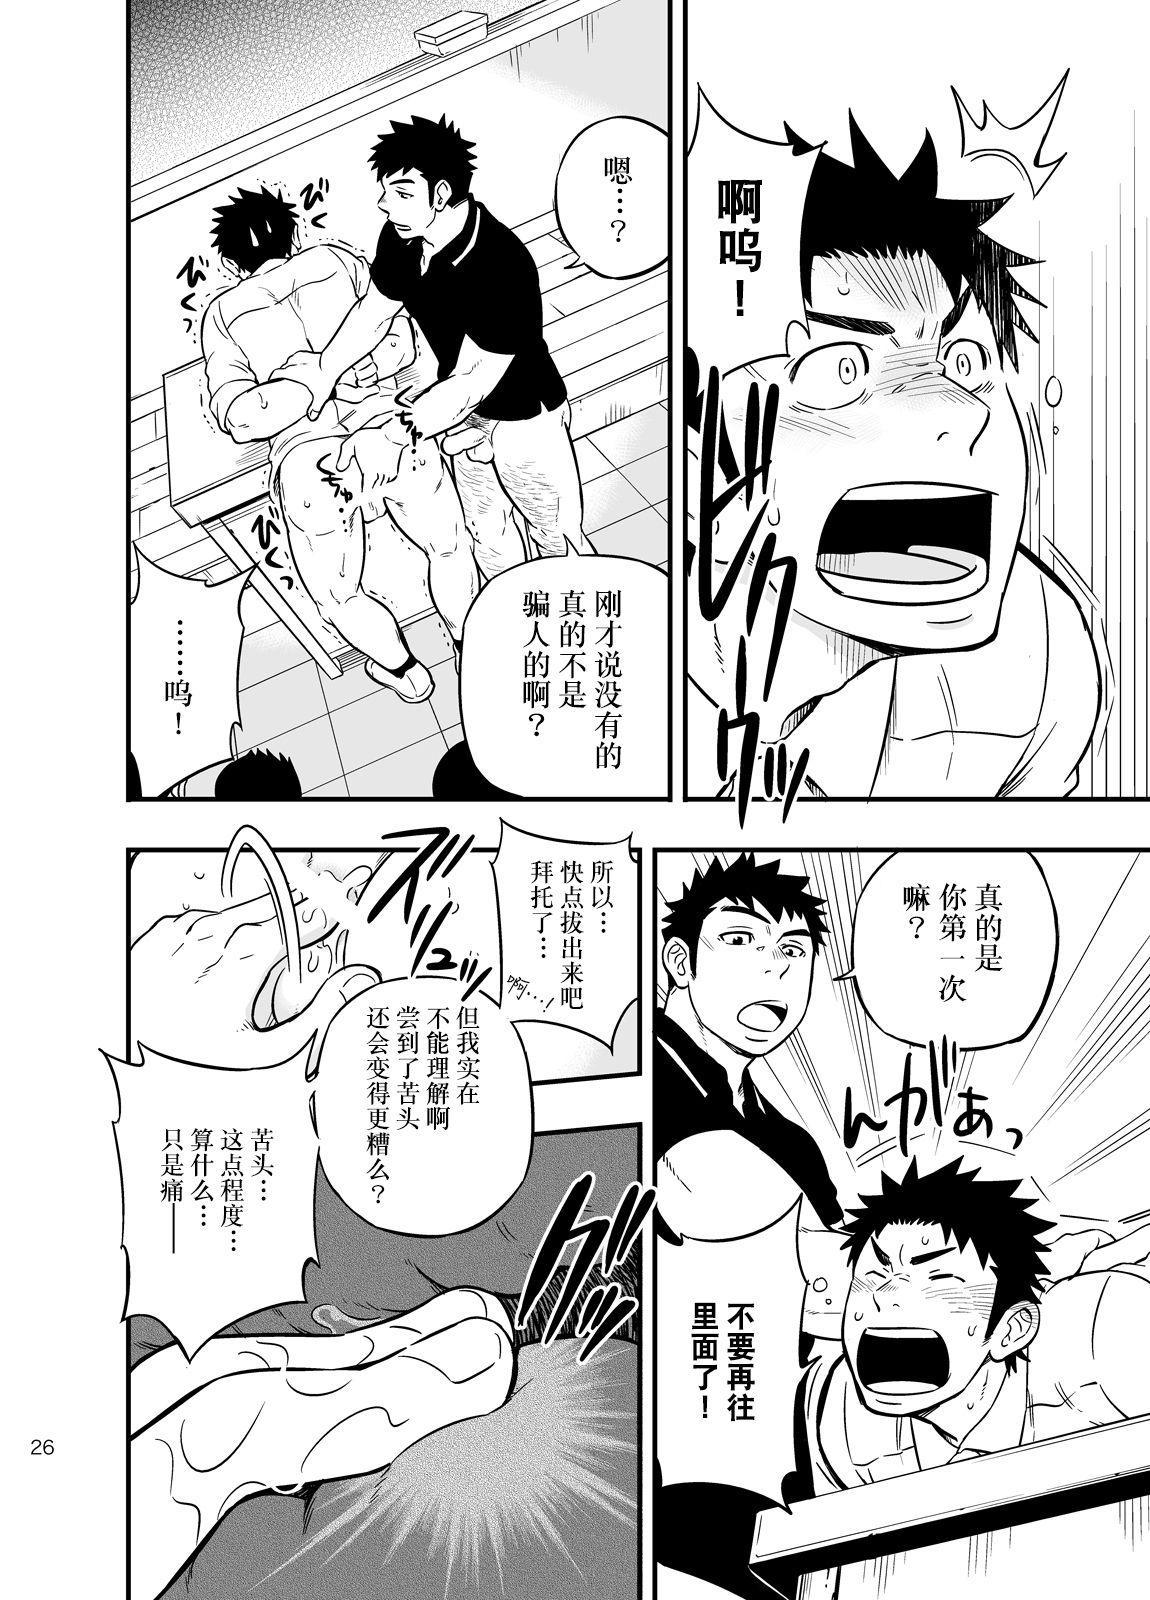 Moshimo Danshikou no Hoken Taiiku ga Jitsugi Ari Dattara 2 | 如果男校的保健体育课有实践环节的话 2 24